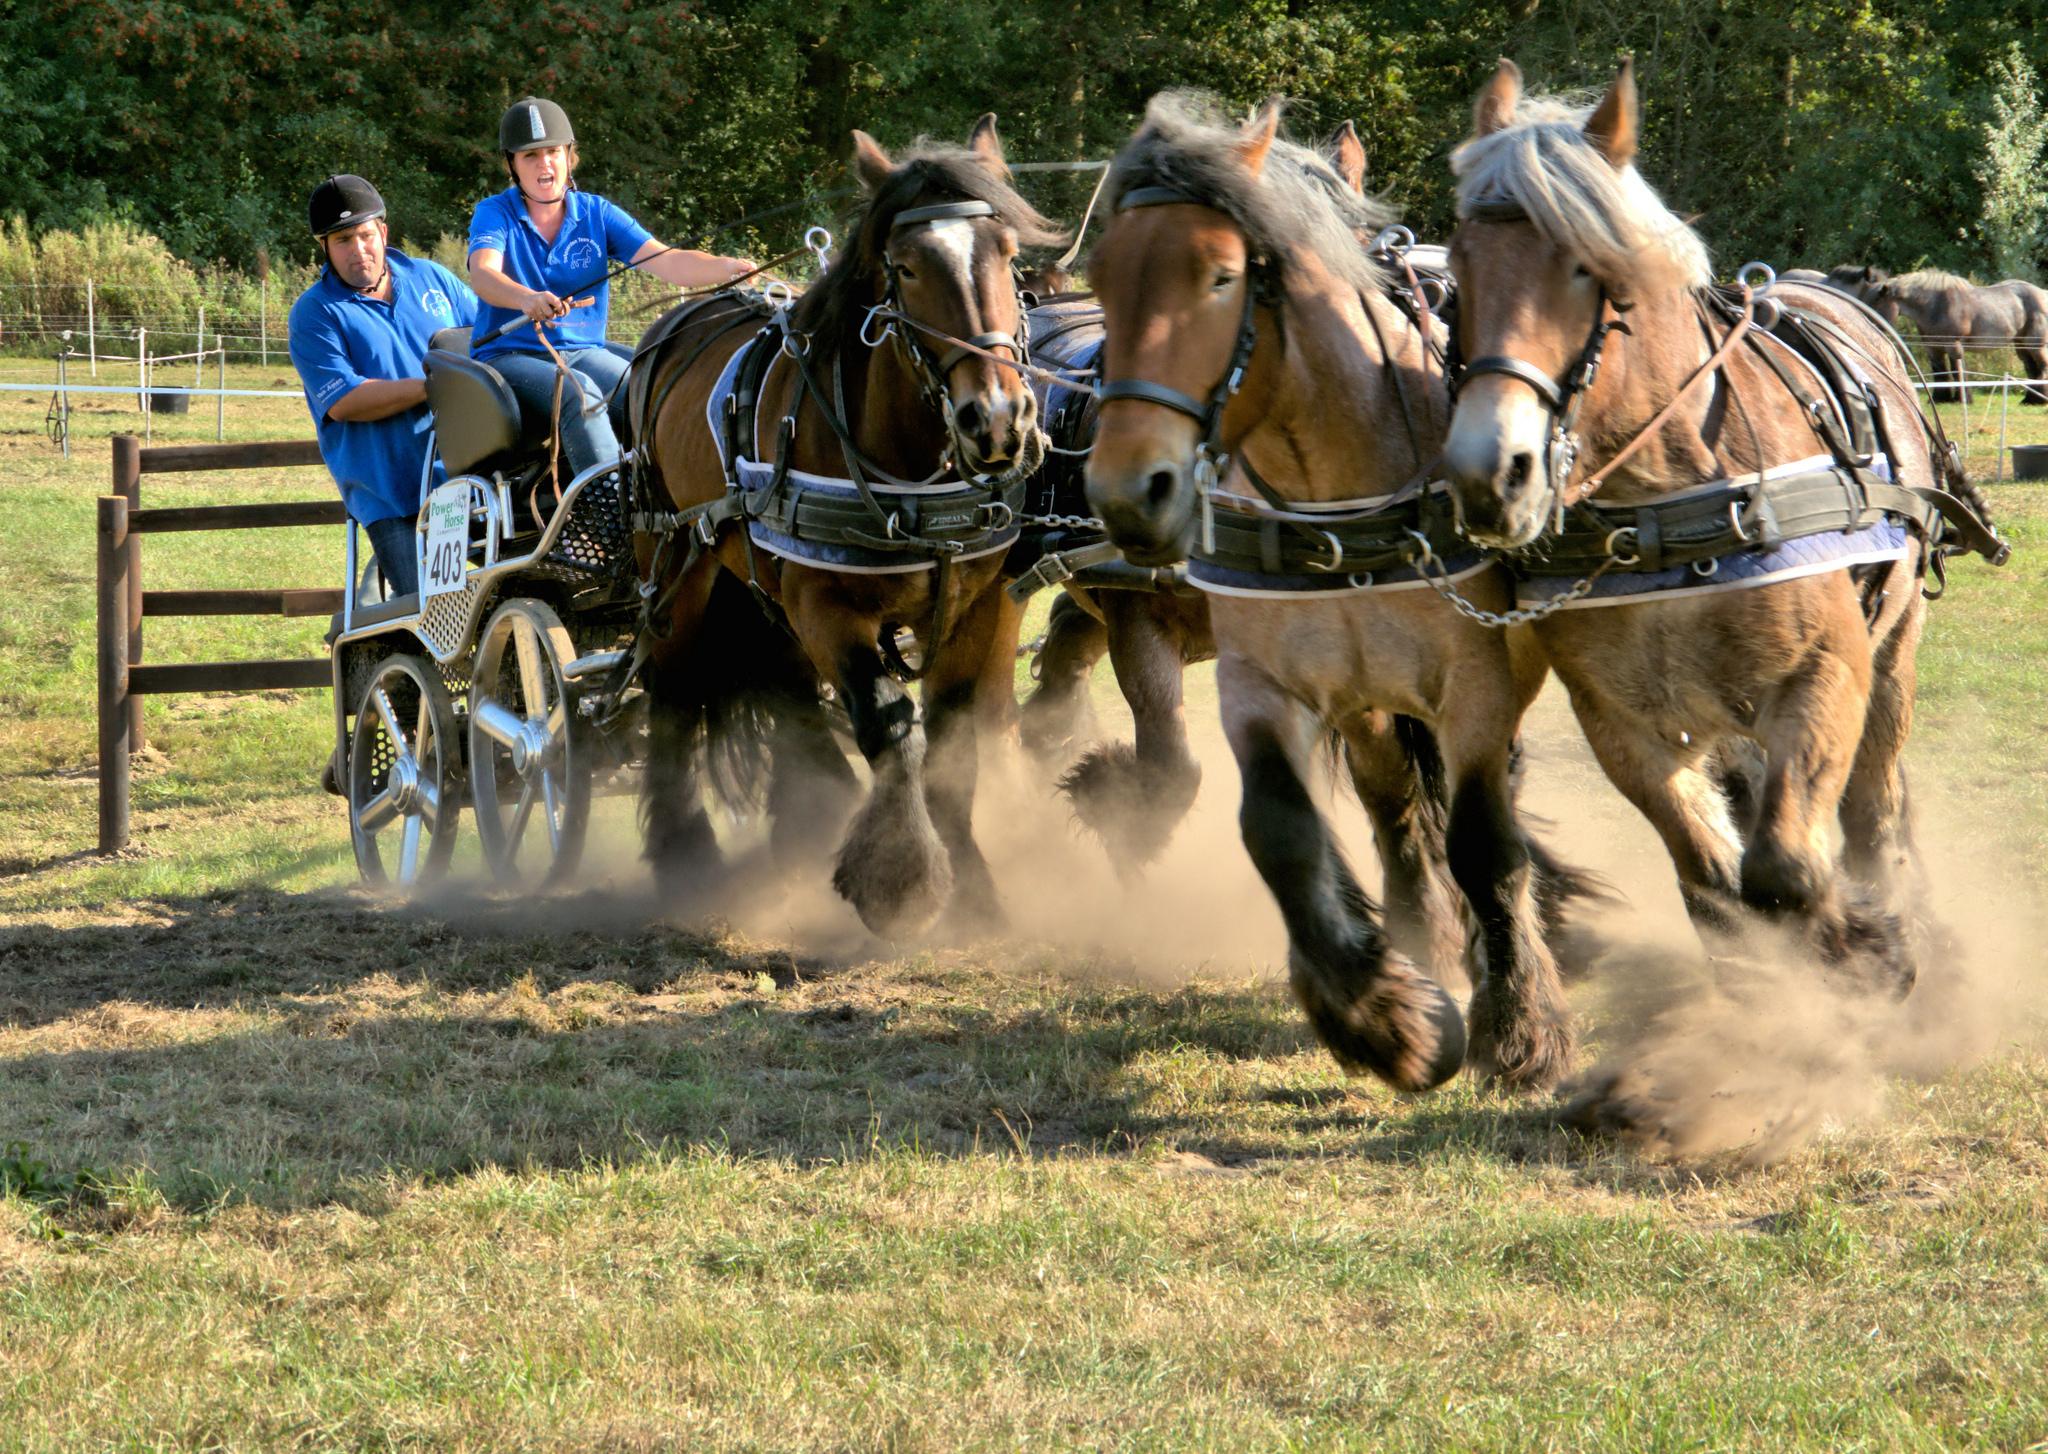 Caballos corriendo en carreras - 2048x1454